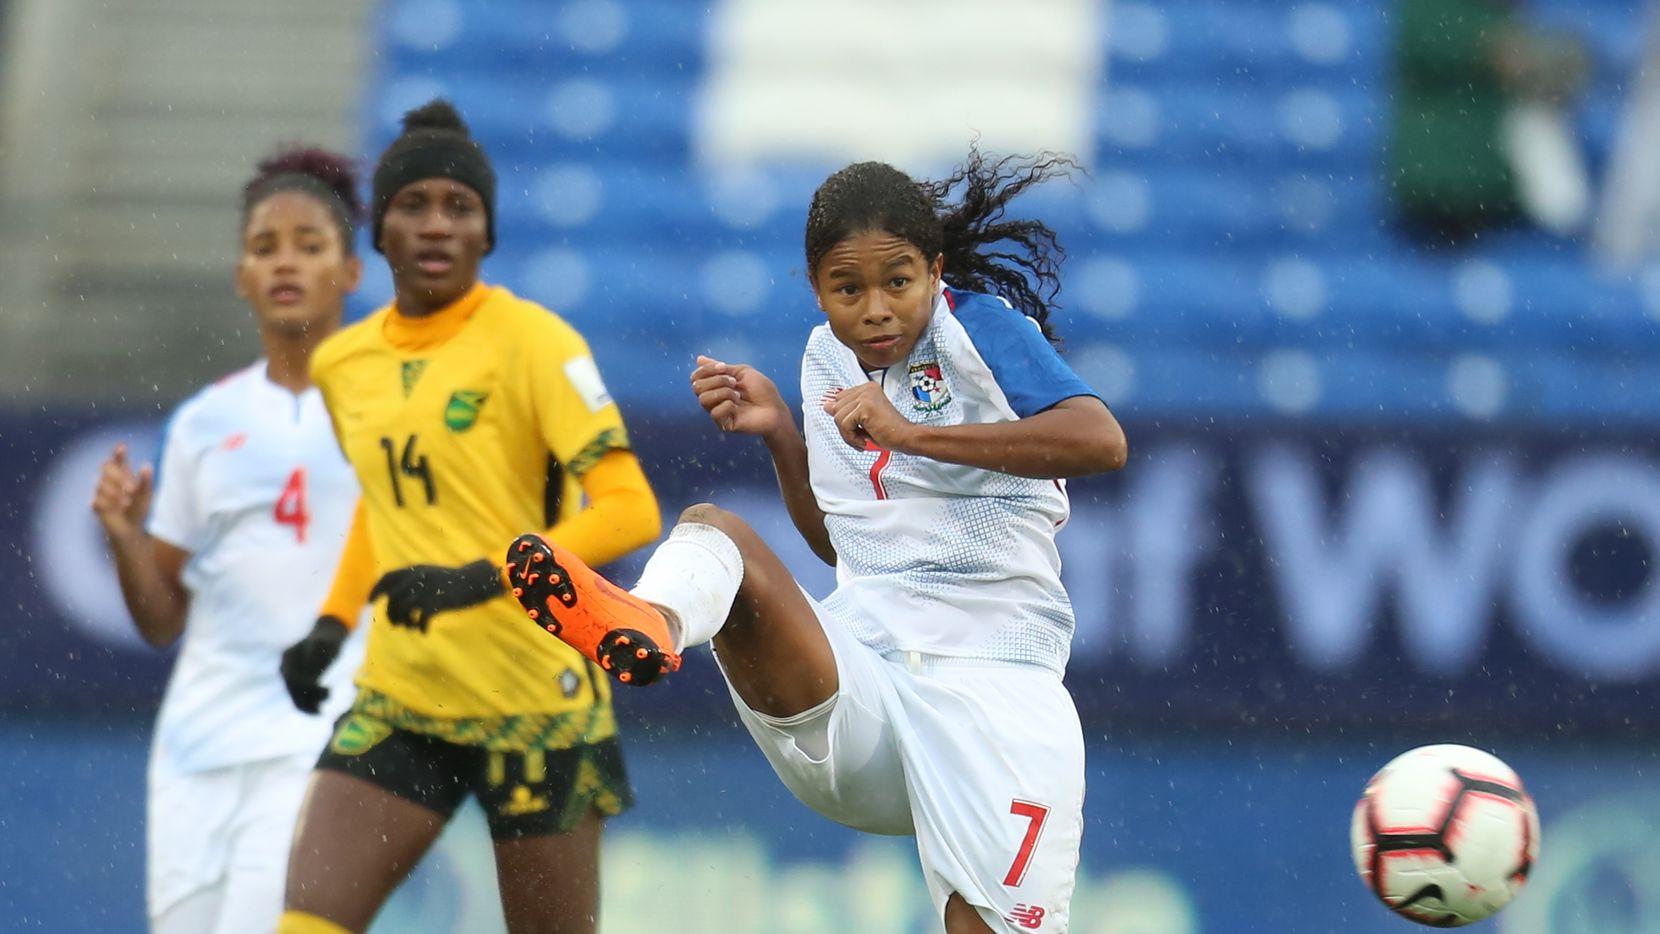 Jamaica venció 2-1 a Panamá en el Premundial femenil disputado en Frisco. Foto de Omar Vega para Al Día